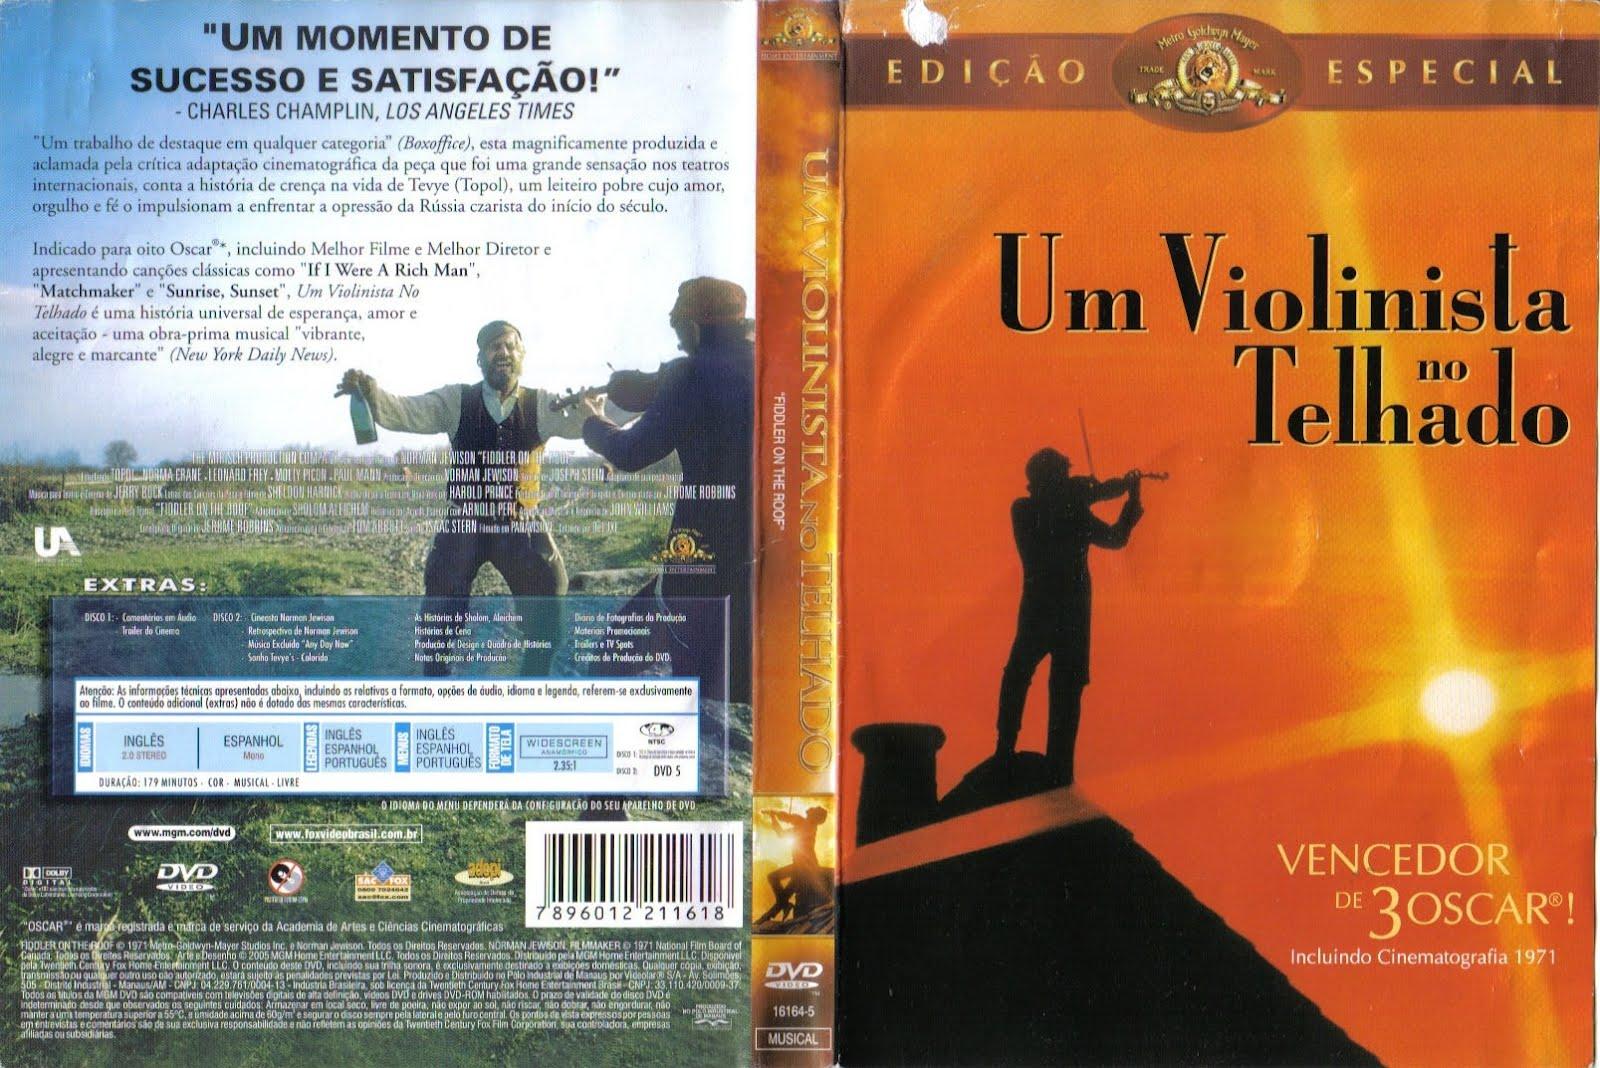 filme um violinista no telhado legendado